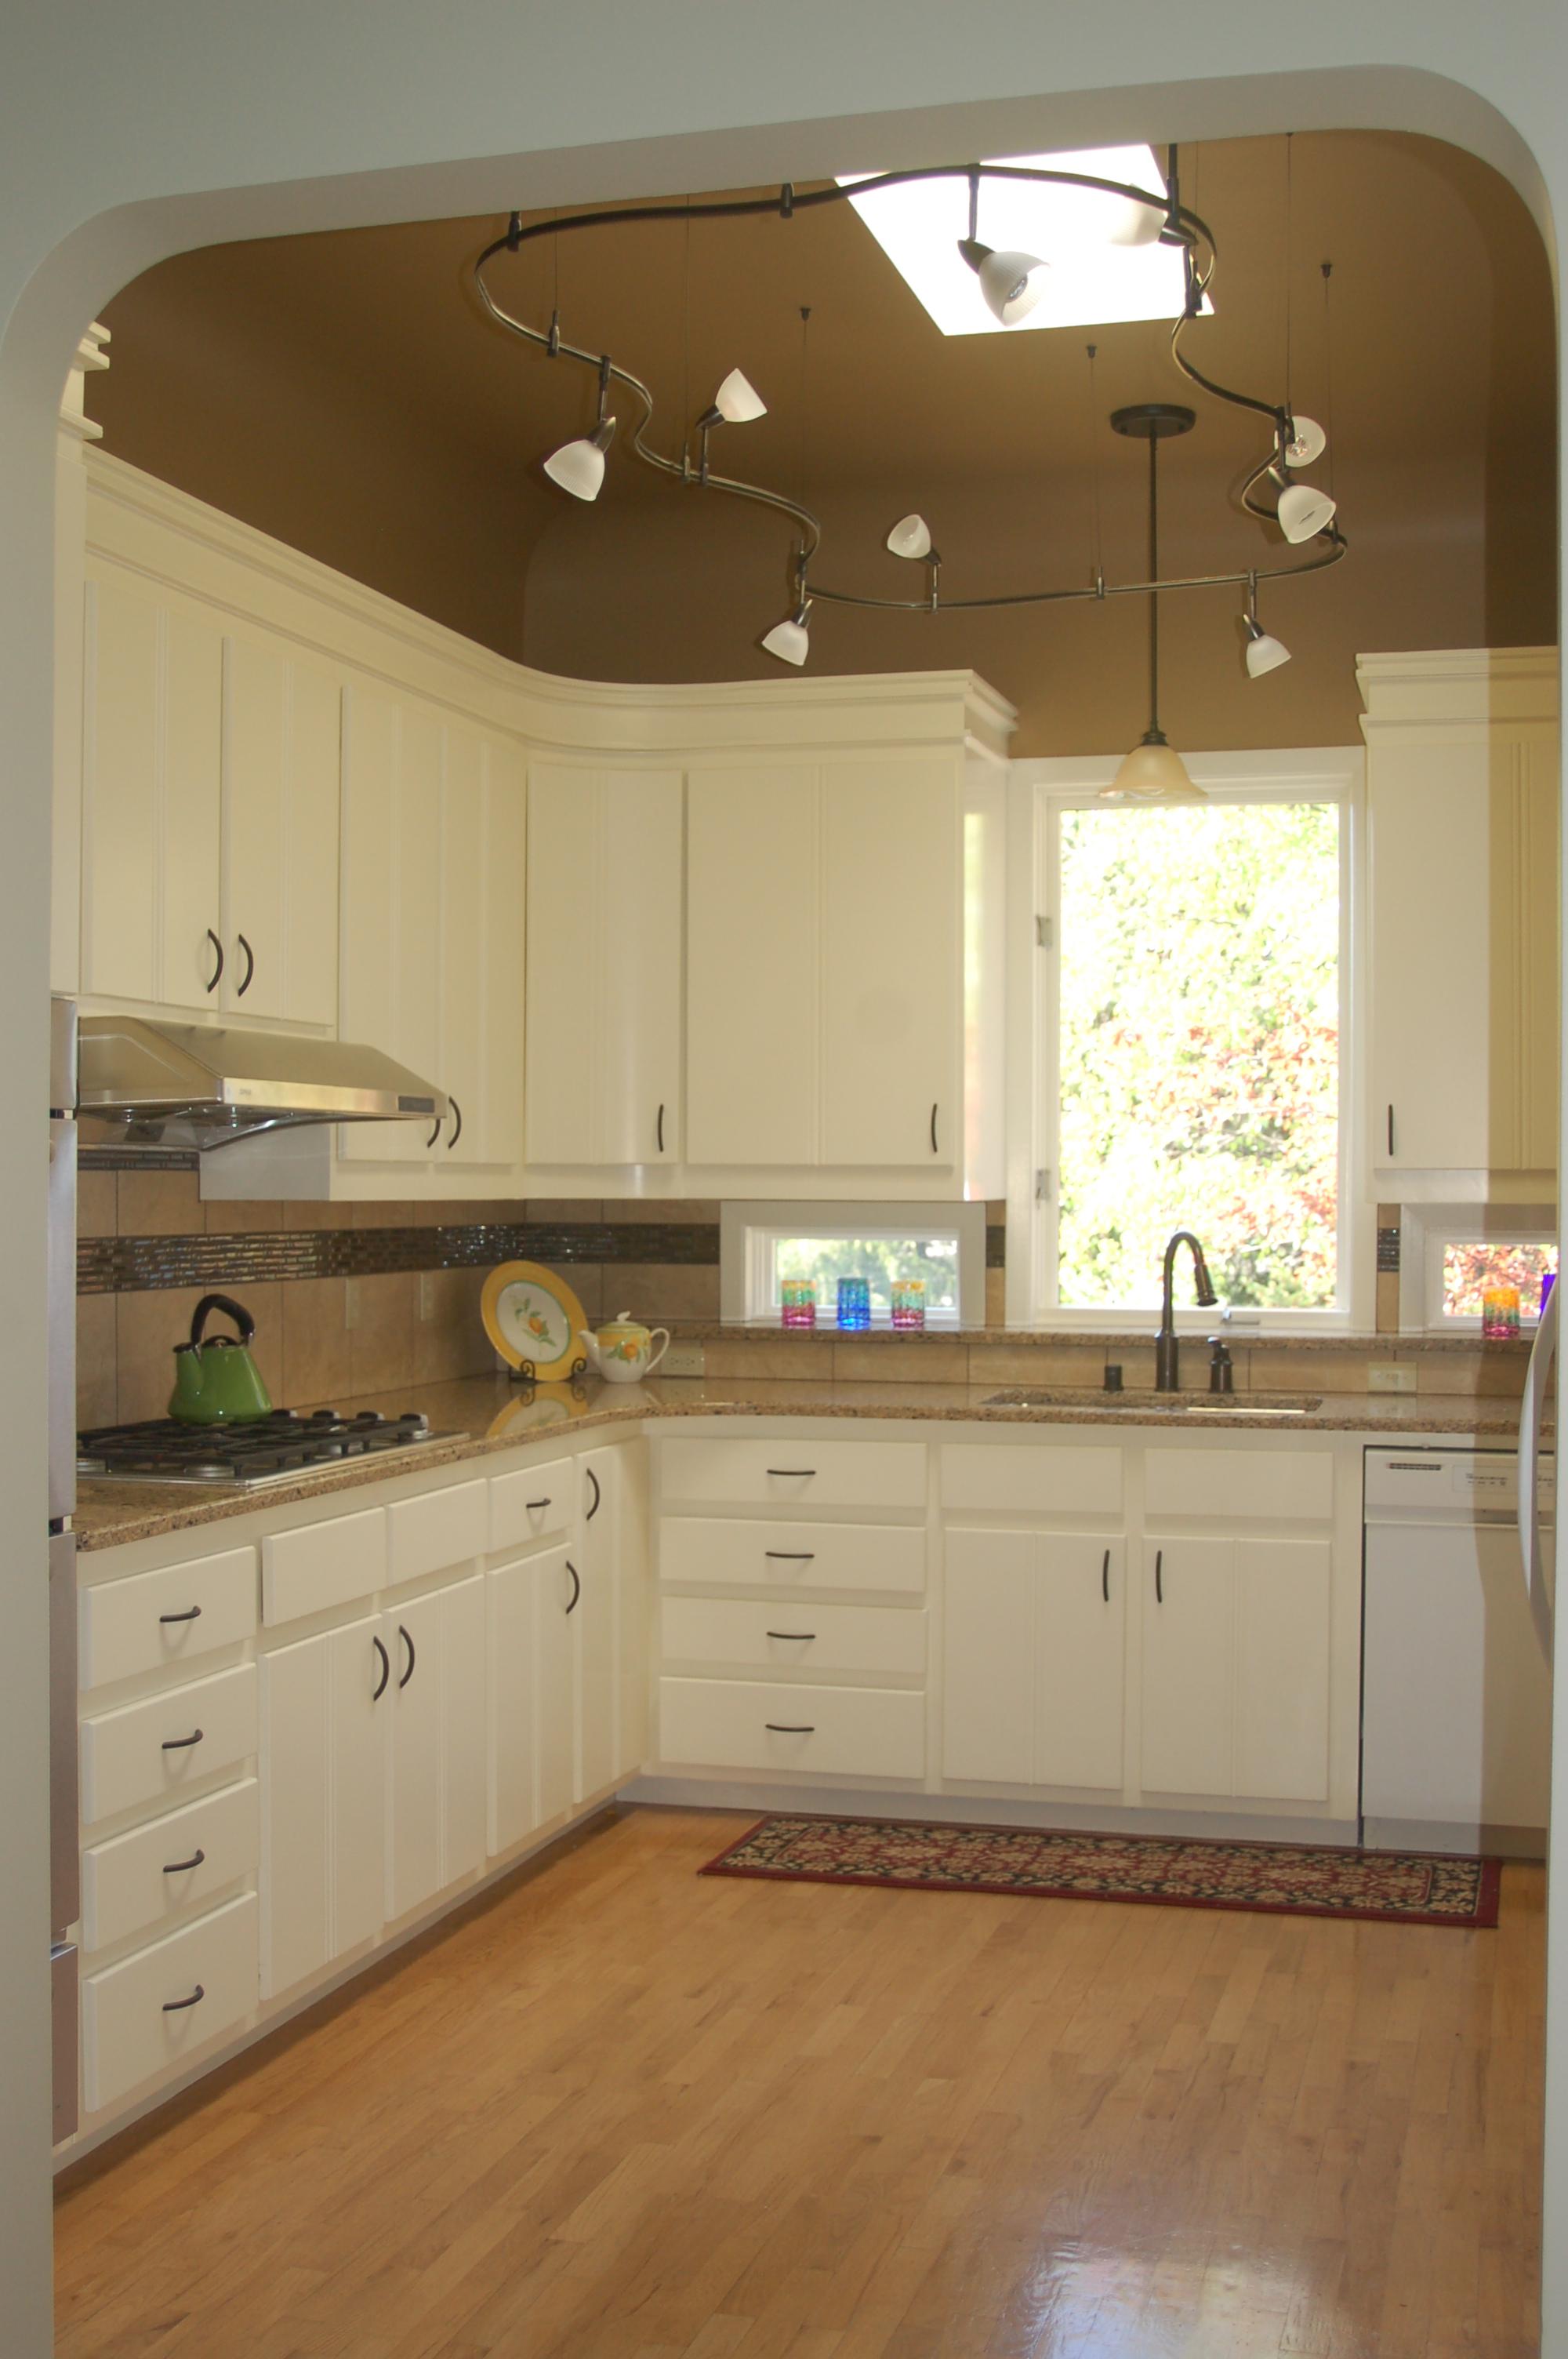 kitchen design with the details in mind kitchen lighting Image Kitchen light